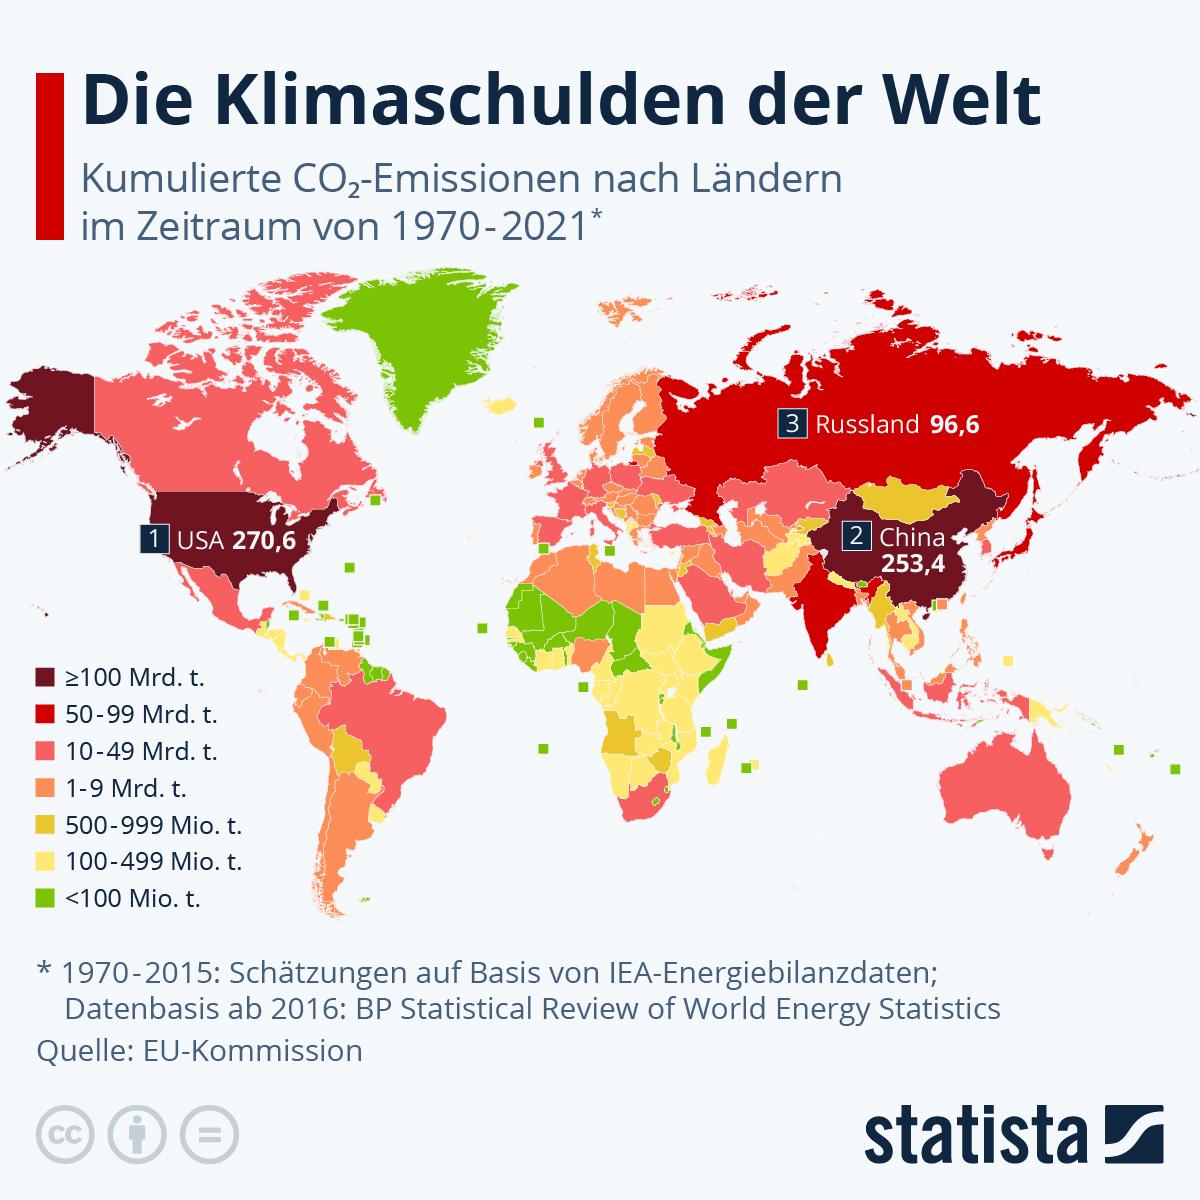 Die Klimaschulden der Welt | Statista